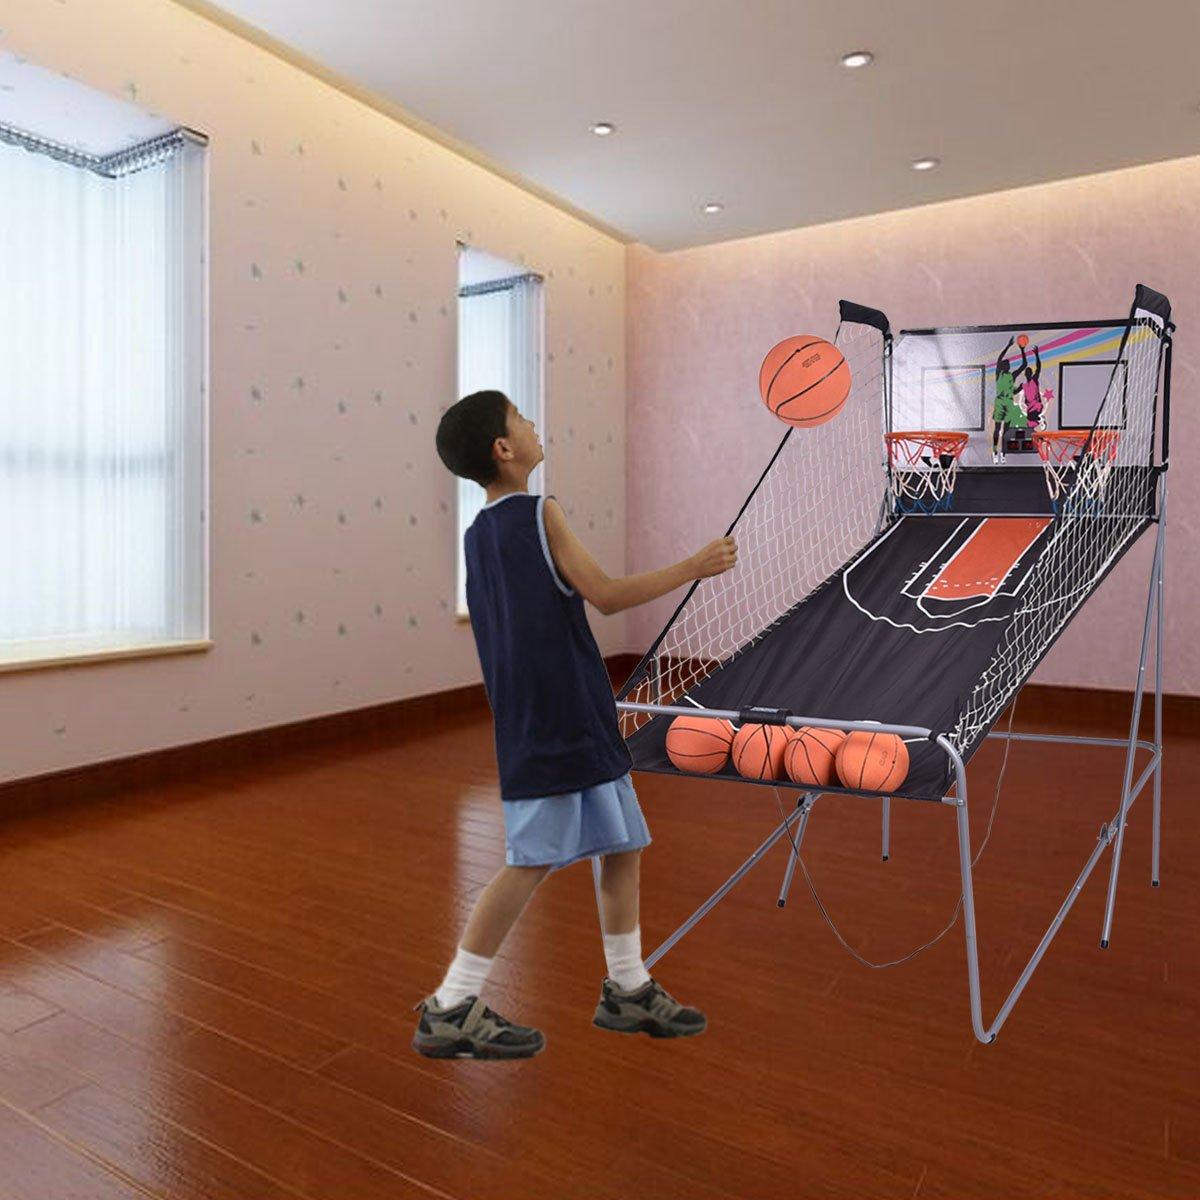 Double Jeu de Basketball panier de basketball score automatique /électronique